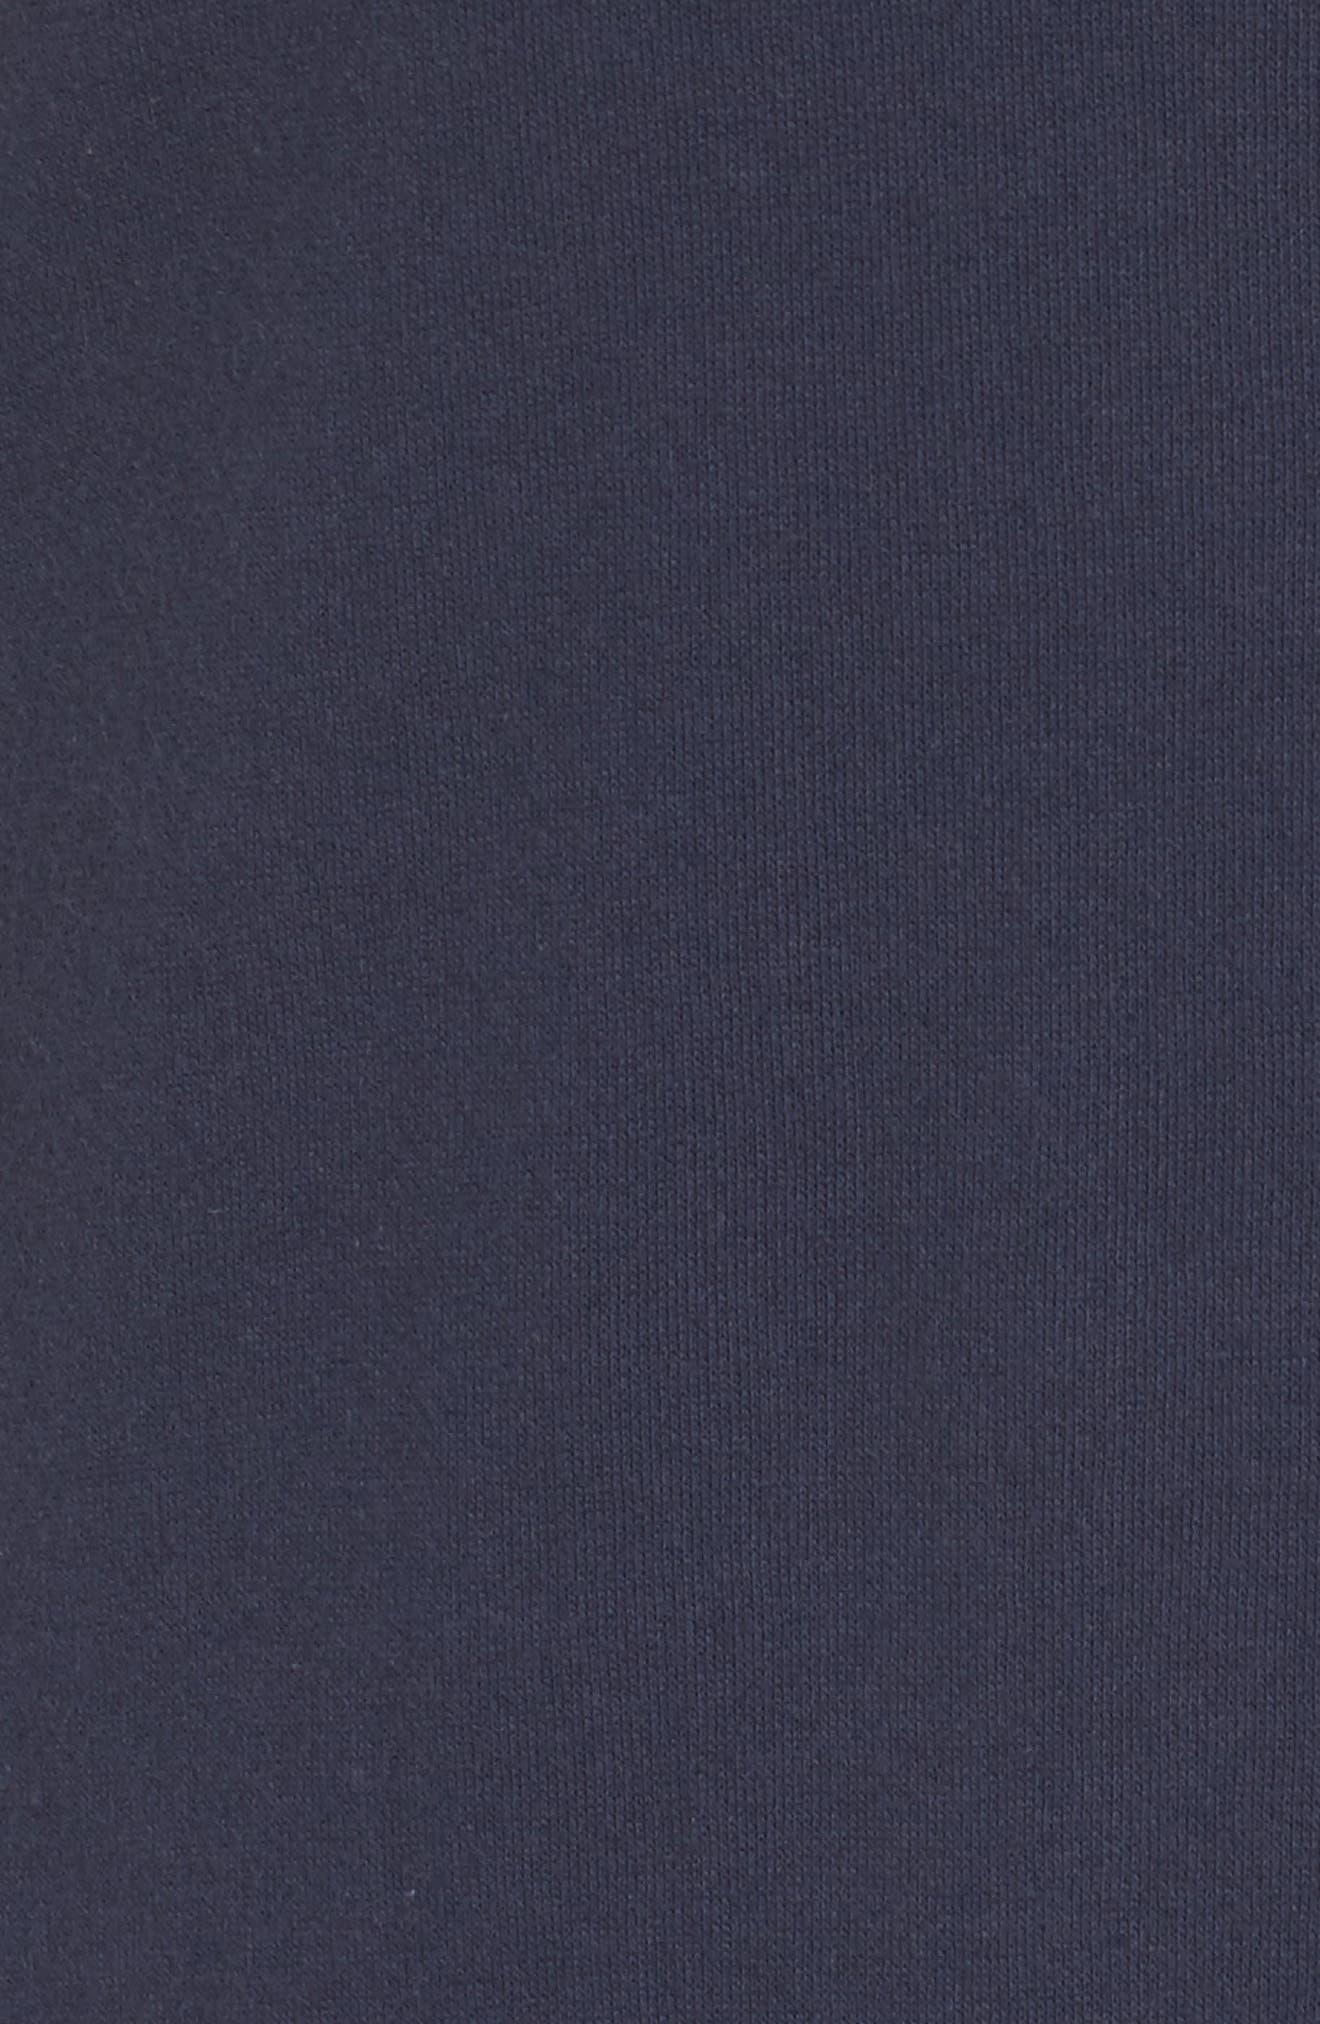 Ruched Shoulder Shift Dress,                             Alternate thumbnail 6, color,                             Navy Indigo